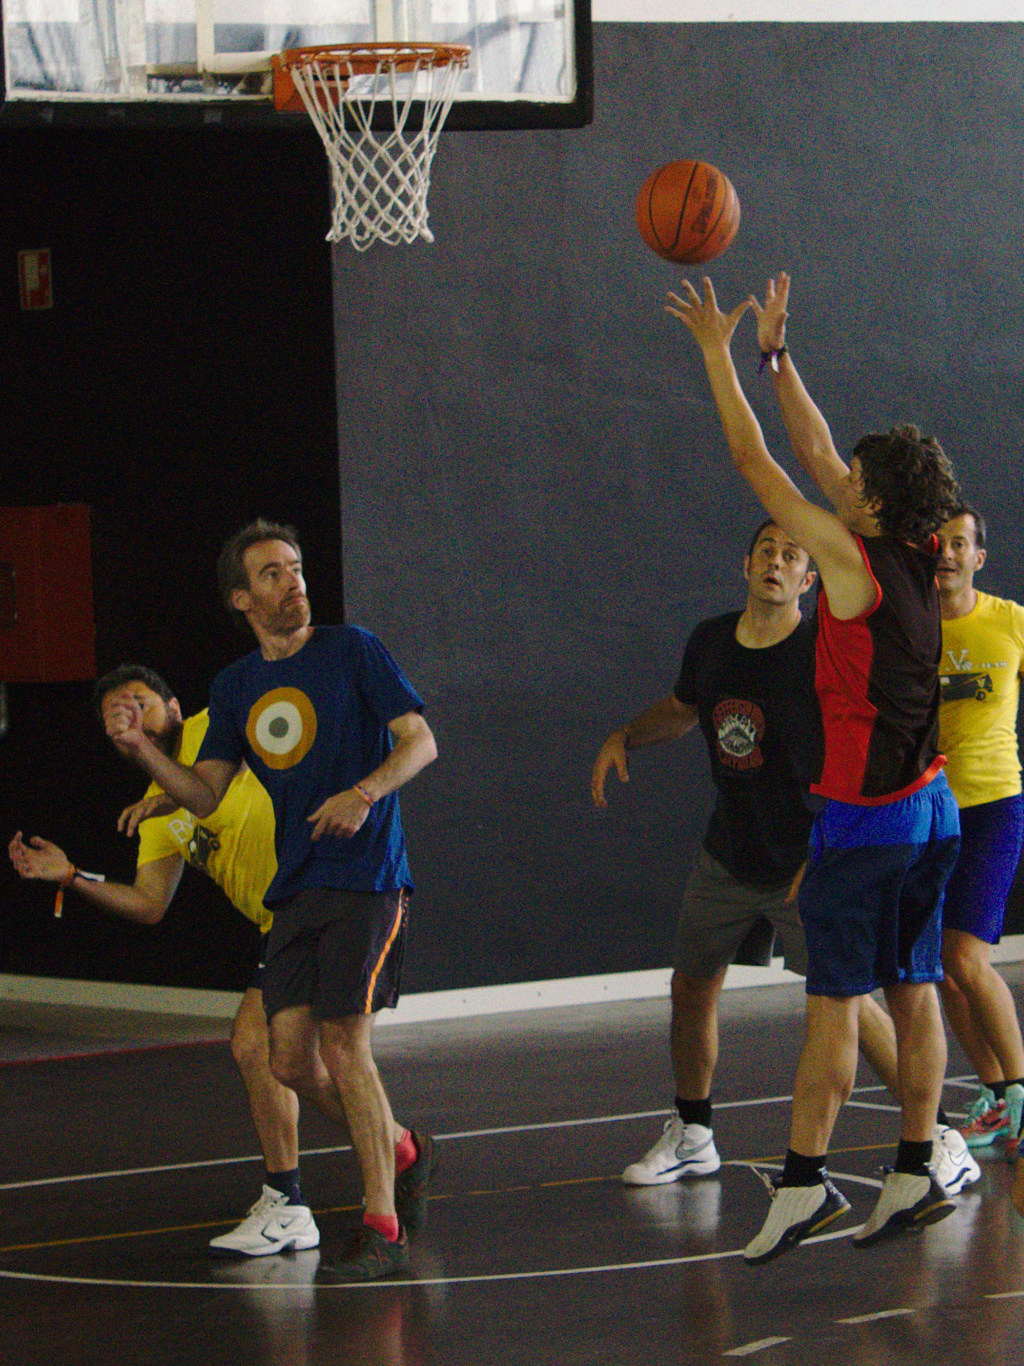 Pachanga De Basket ARF ¡ OTRO AÑO MAS ROCKET CAMPEÓN! - Página 11 Dsc02210